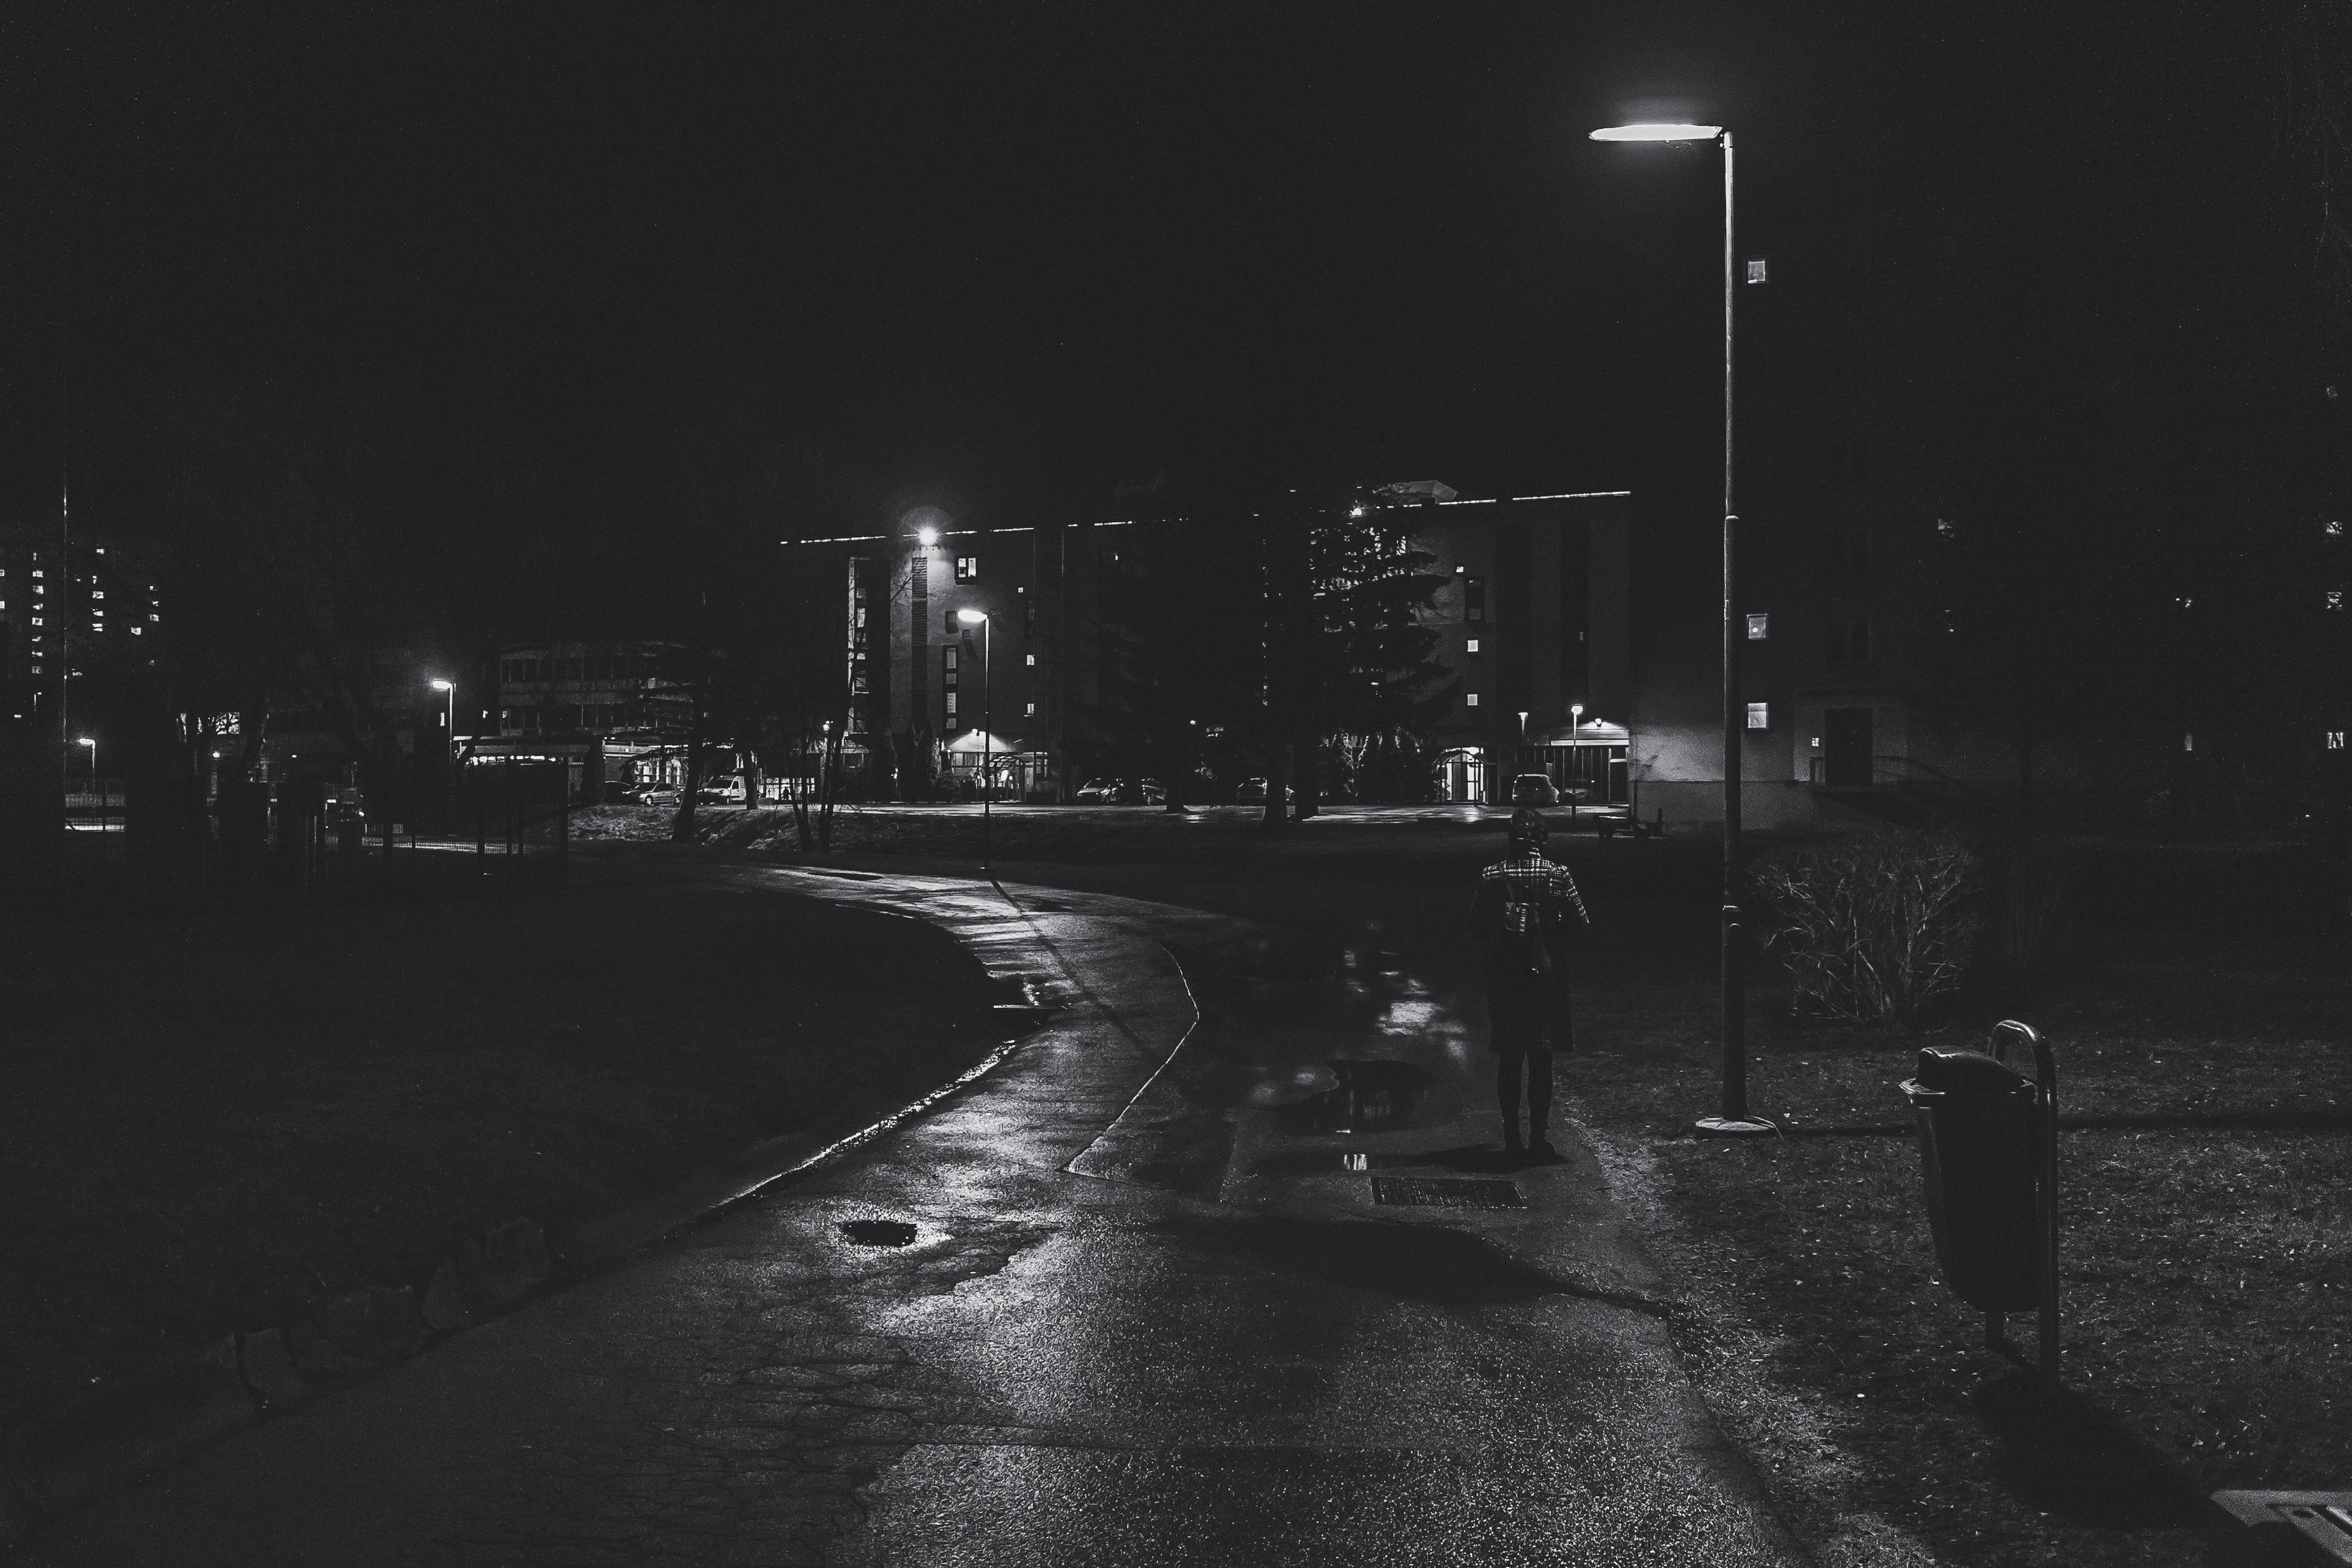 еще темное фото ночная съемка как сделать светлым того, это противоречит